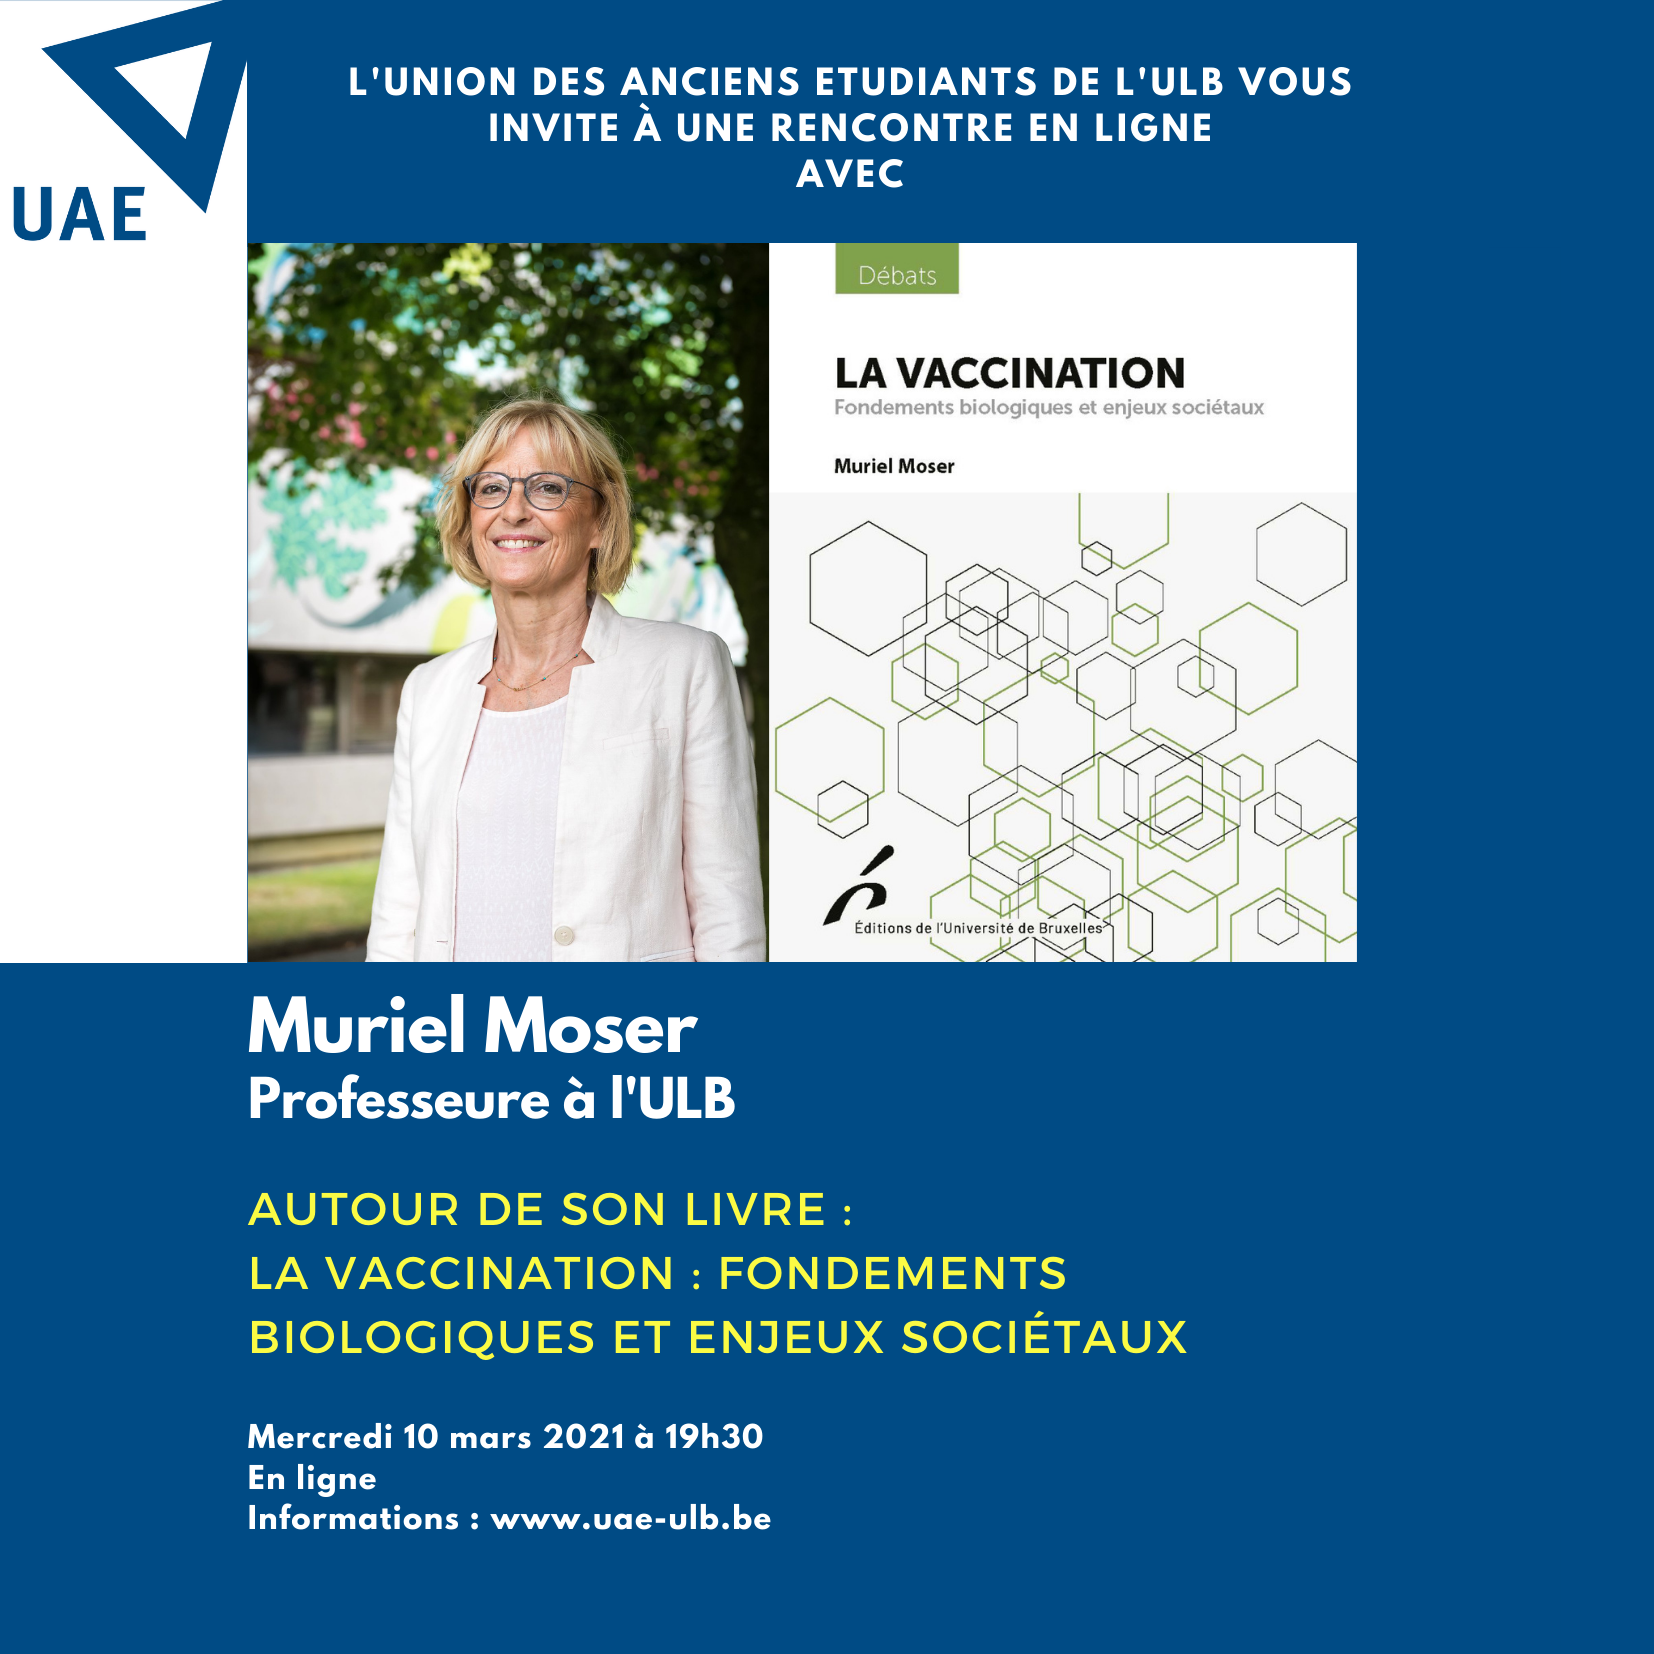 """Rencontre en ligne avec Muriel Moser : """"La vaccination : fondements biologiques et enjeux sociétaux""""."""